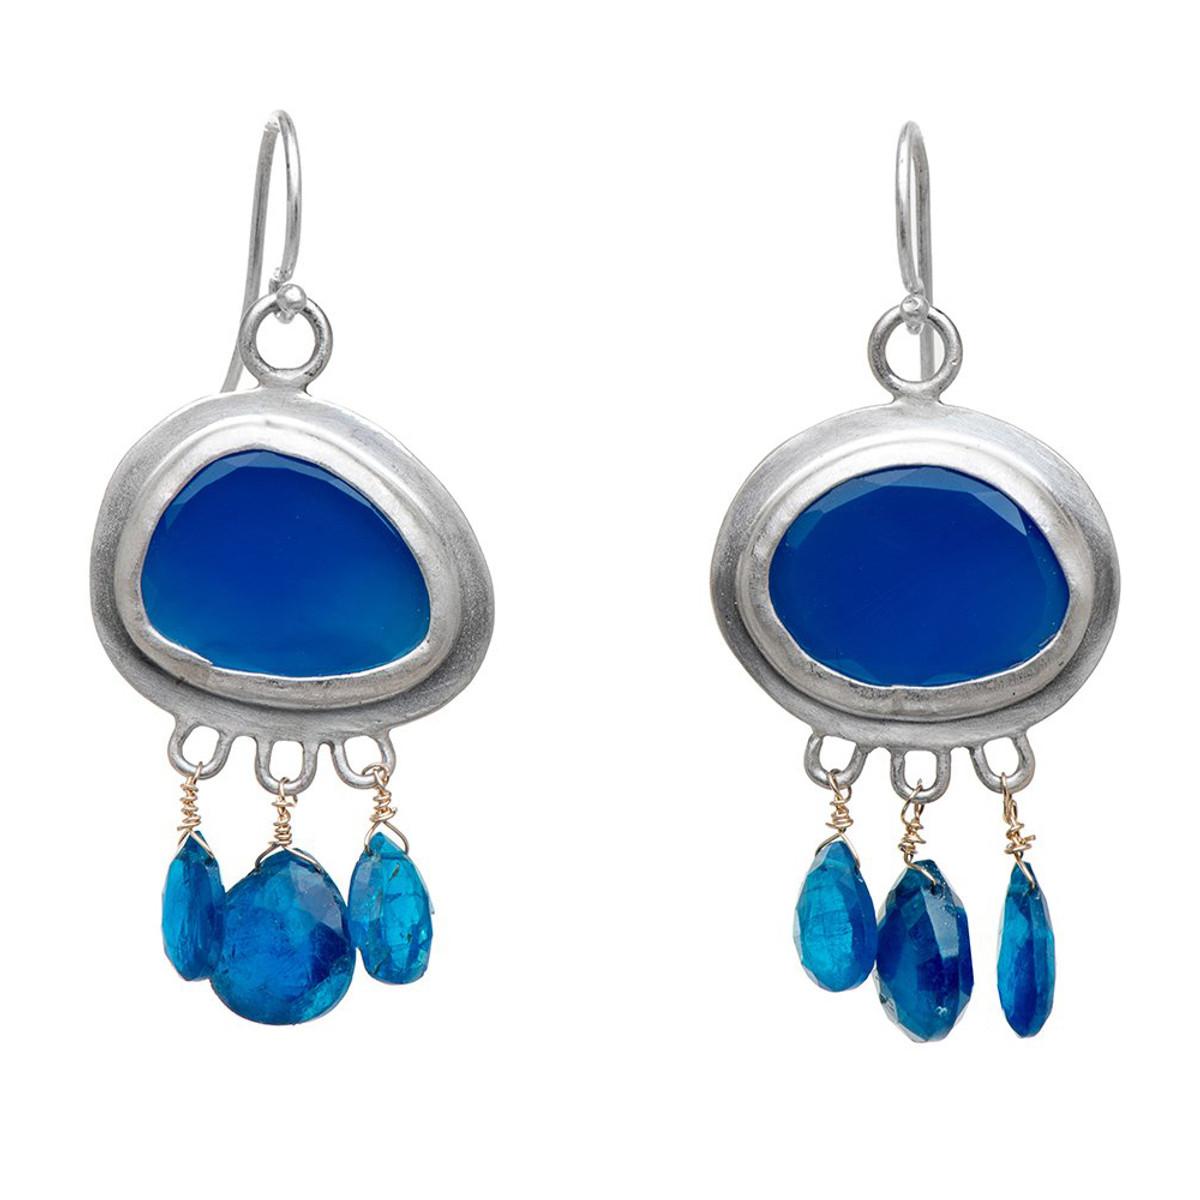 Nava Zahavi Silver Agat Twist Earrings